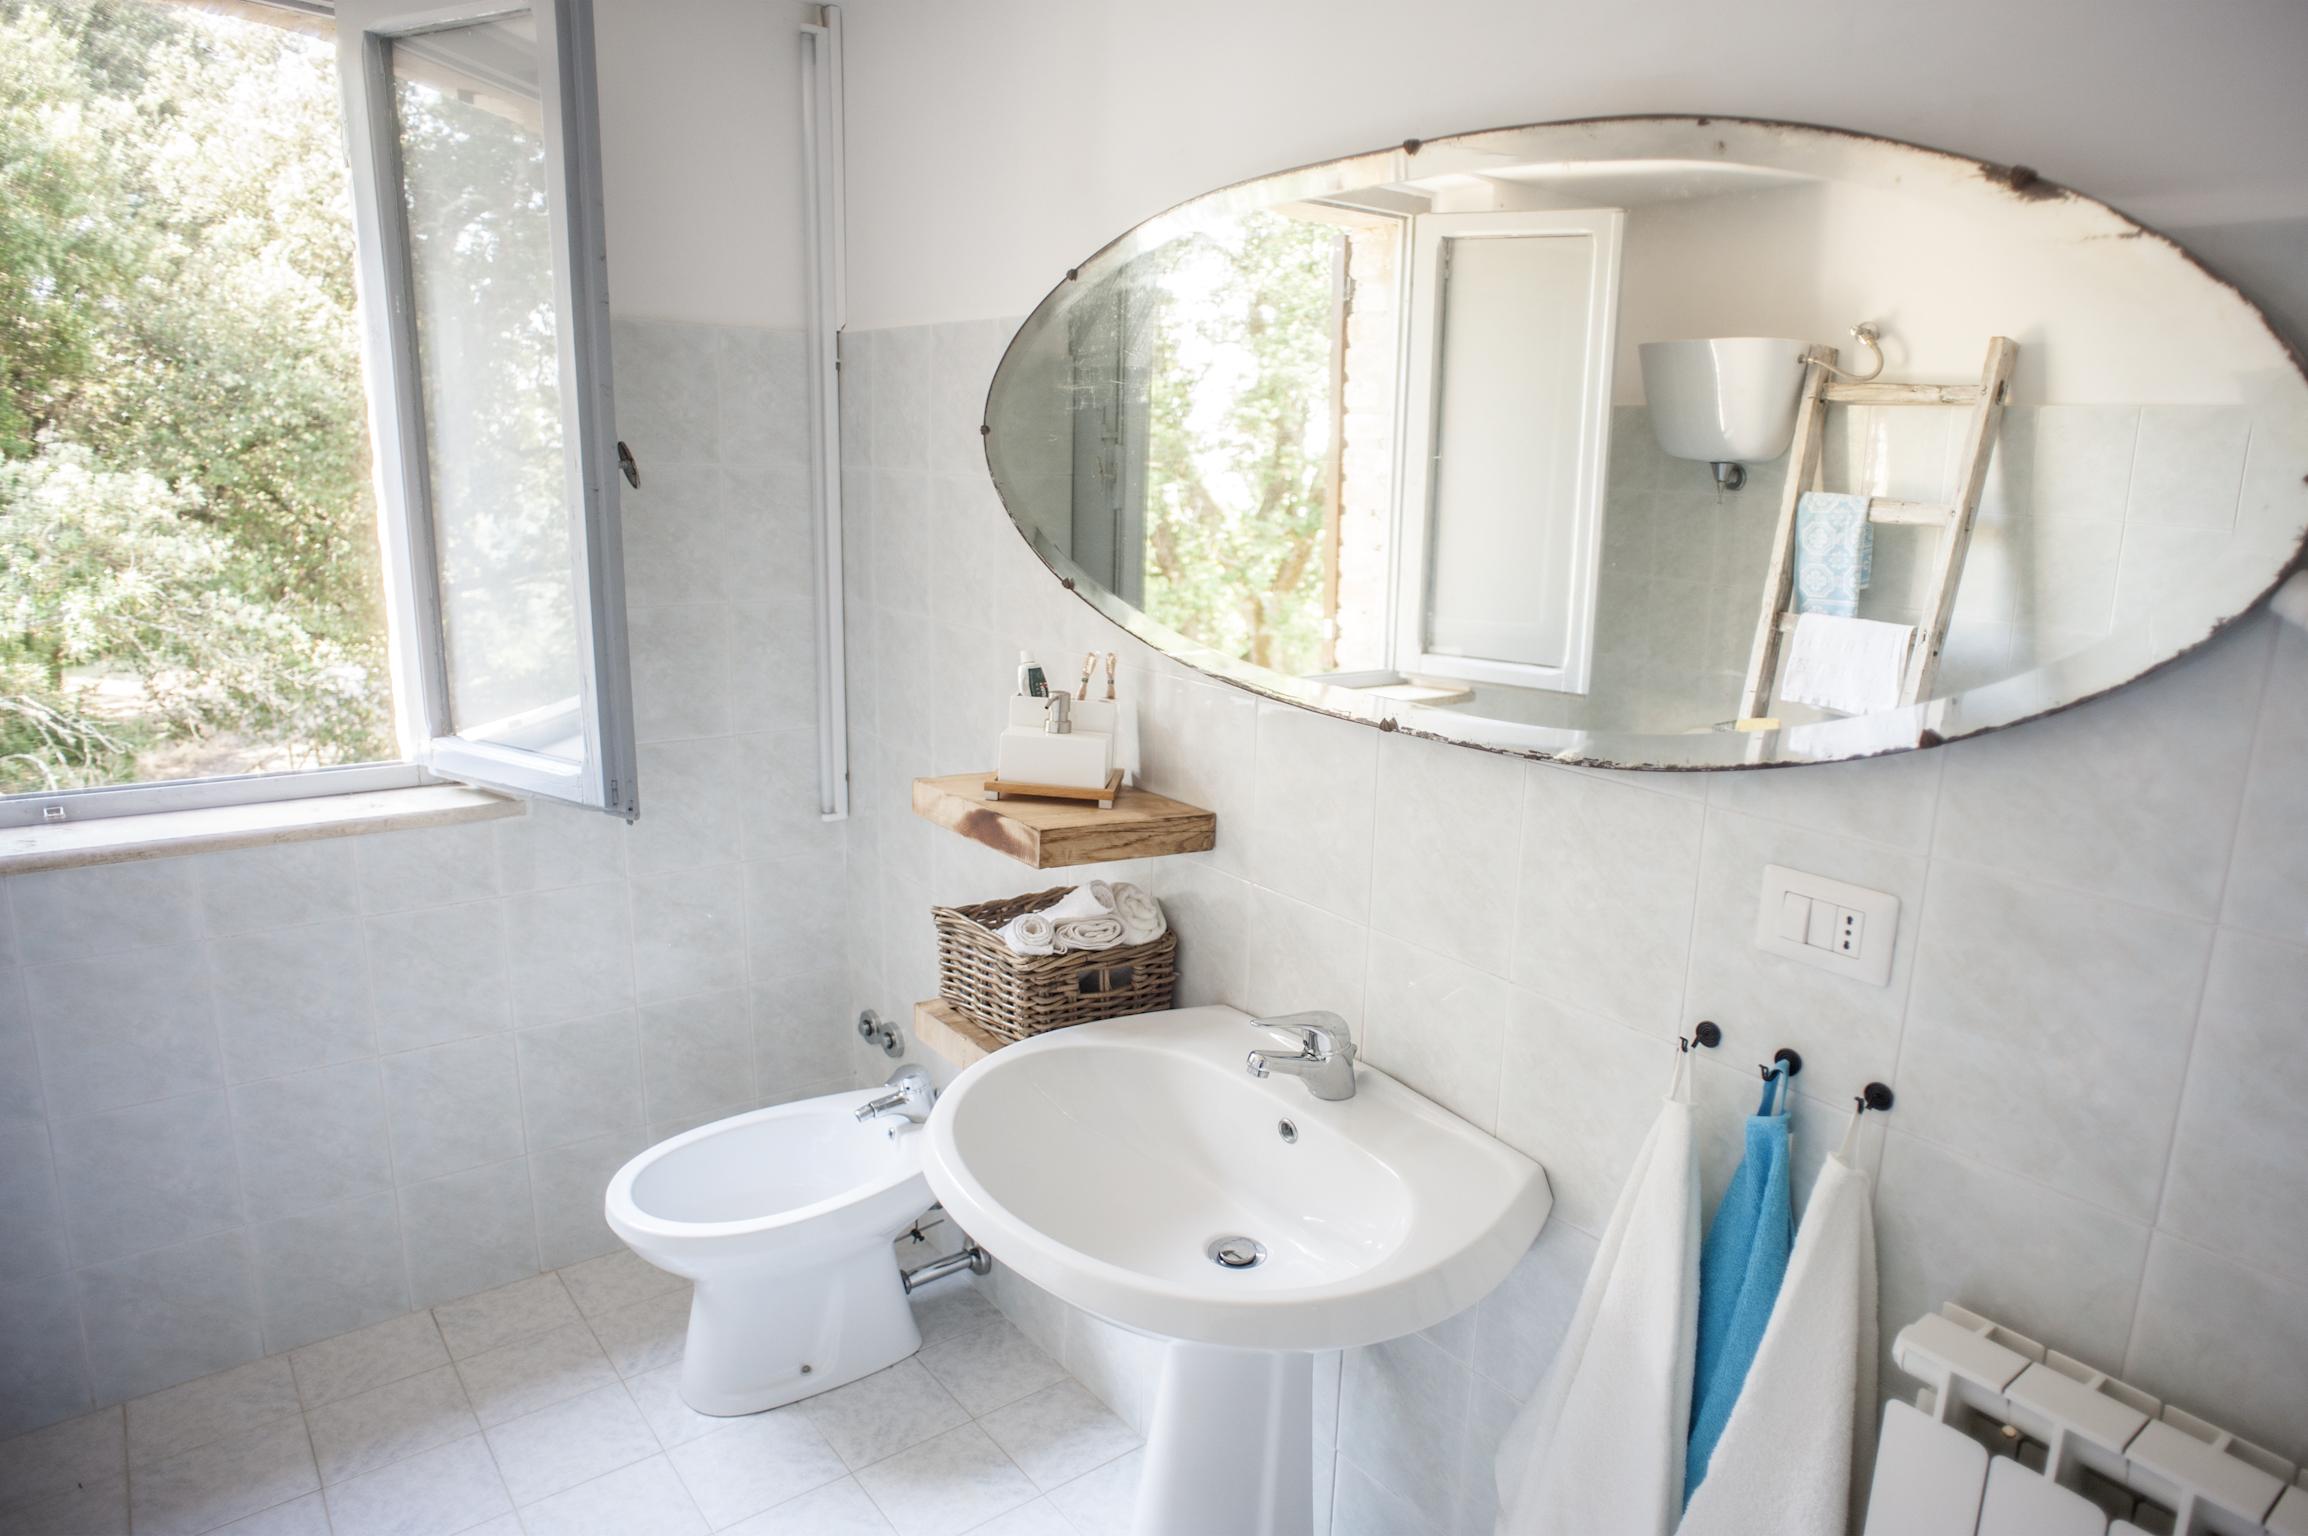 Palazzaccio-Todi- bathroom